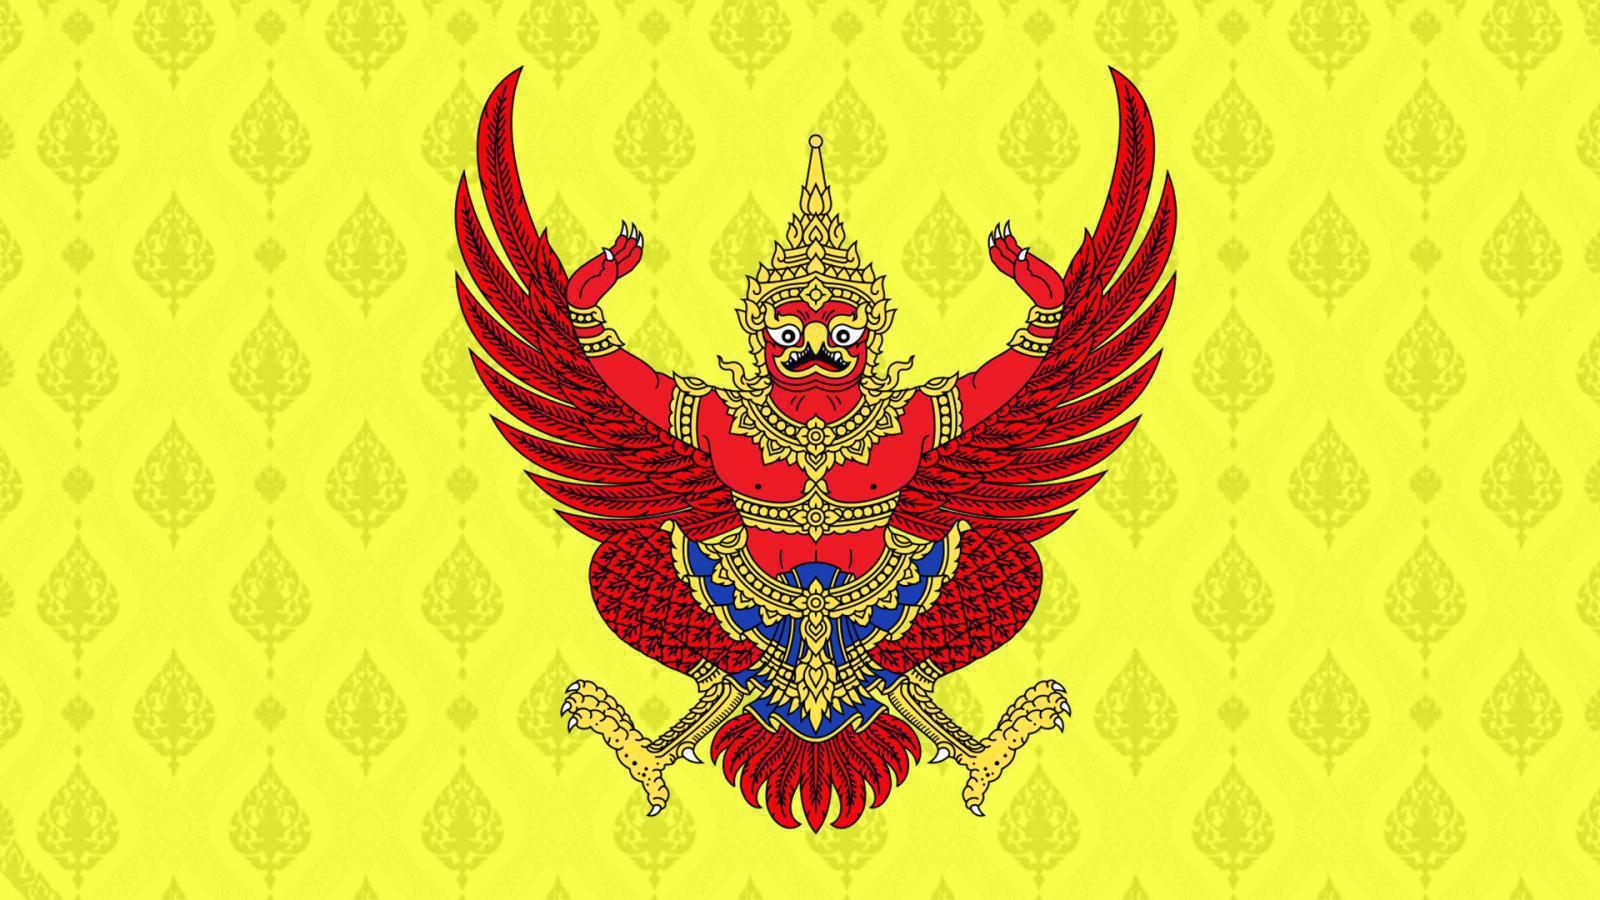 """พระบรมราชโองการ โปรดเกล้าฯ """"พลเอกหญิงสมเด็จพระเจ้าลูกเธอ เจ้าฟ้าพัชรกิติยาภาฯ"""" ทรงโอนย้าย ดำรงตำแหน่ง """"เสนาธิการ"""""""